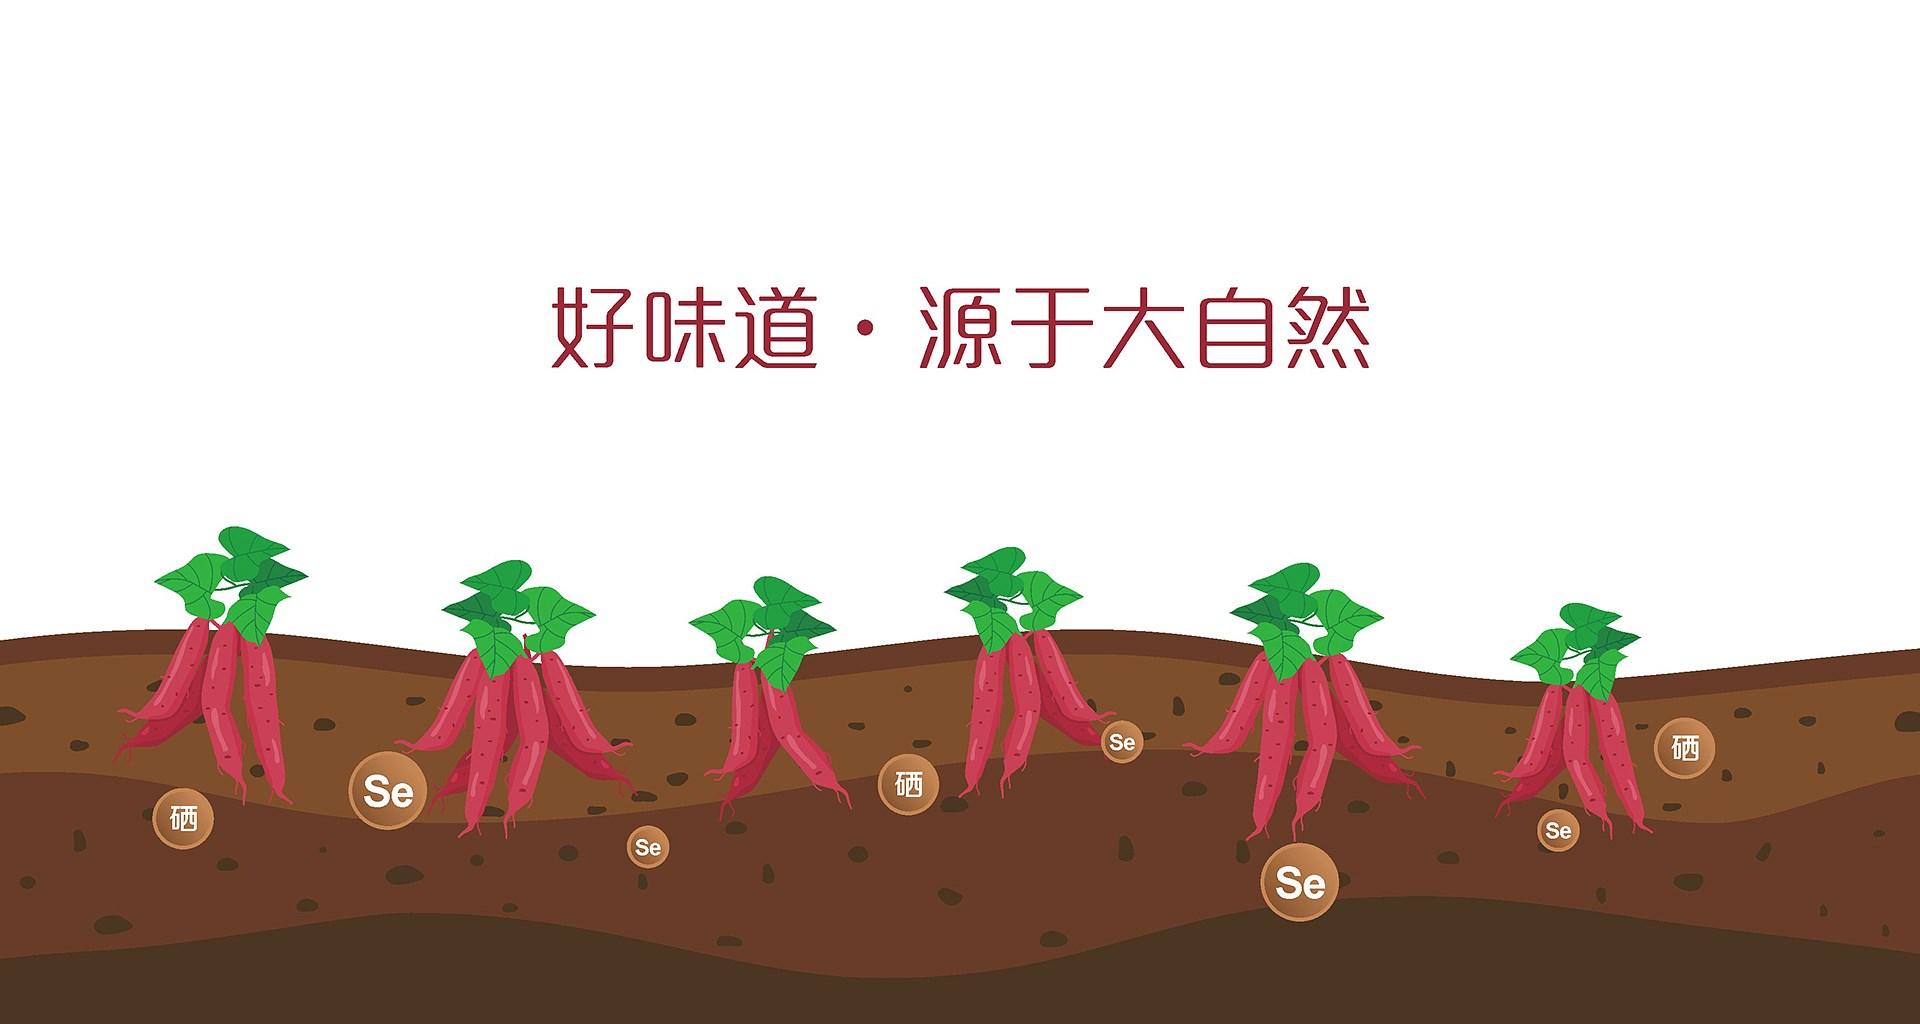 资兴板栗薯新万博竞彩app苹果下载万博manbetx手机版苹果下载_0010.JPG